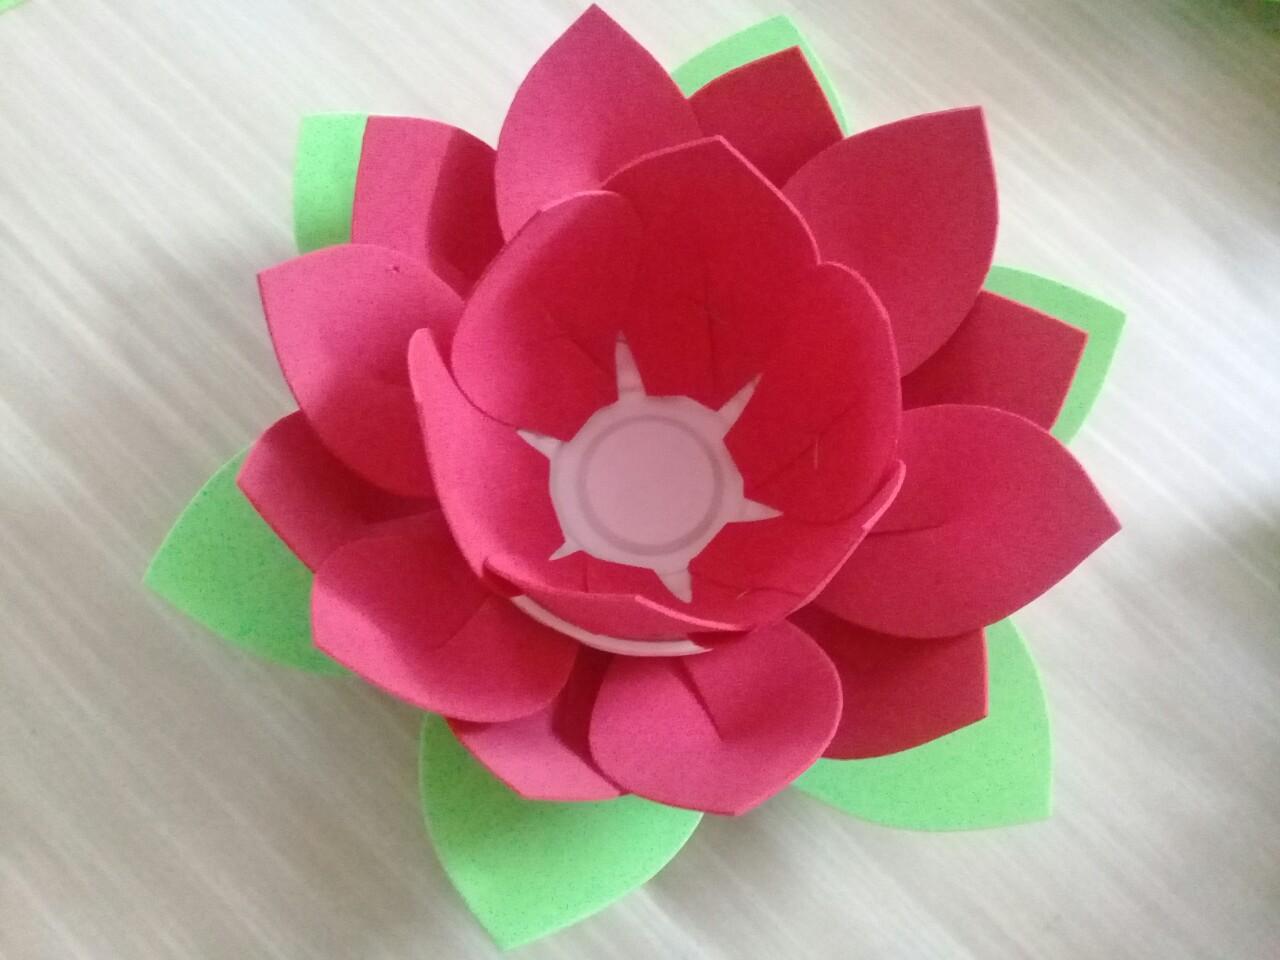 Hoa Đăng 3 lớp 24 cánh với thiết kế dày dặn đẹp mắt